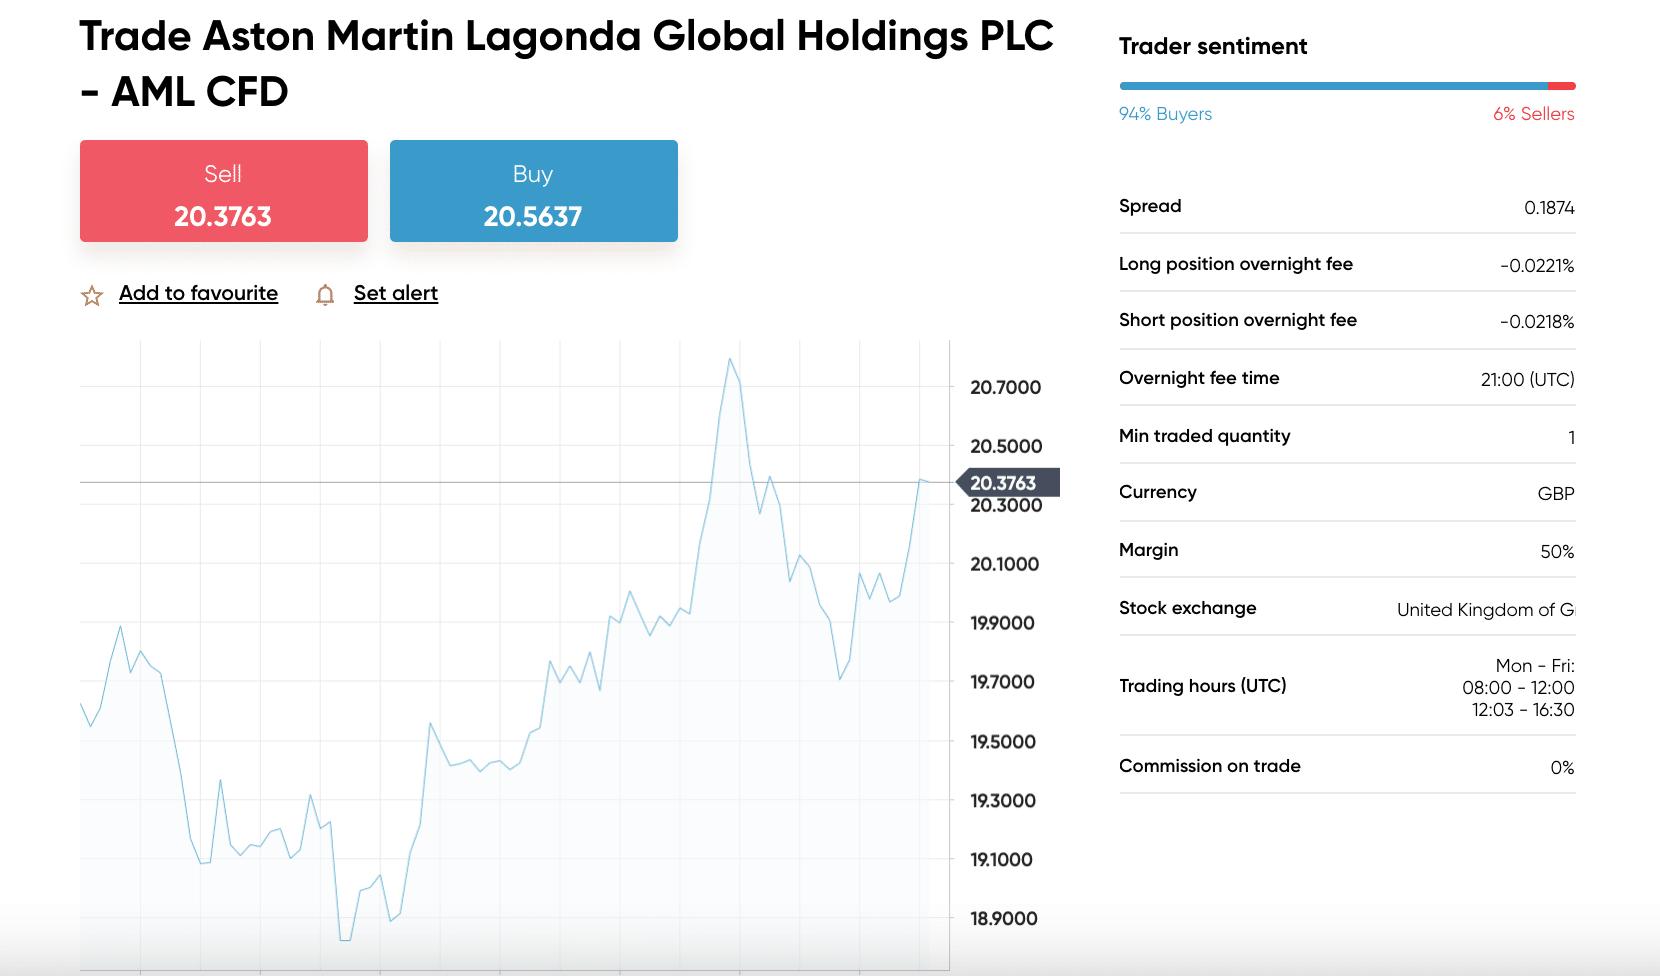 capital.com trade aston martin